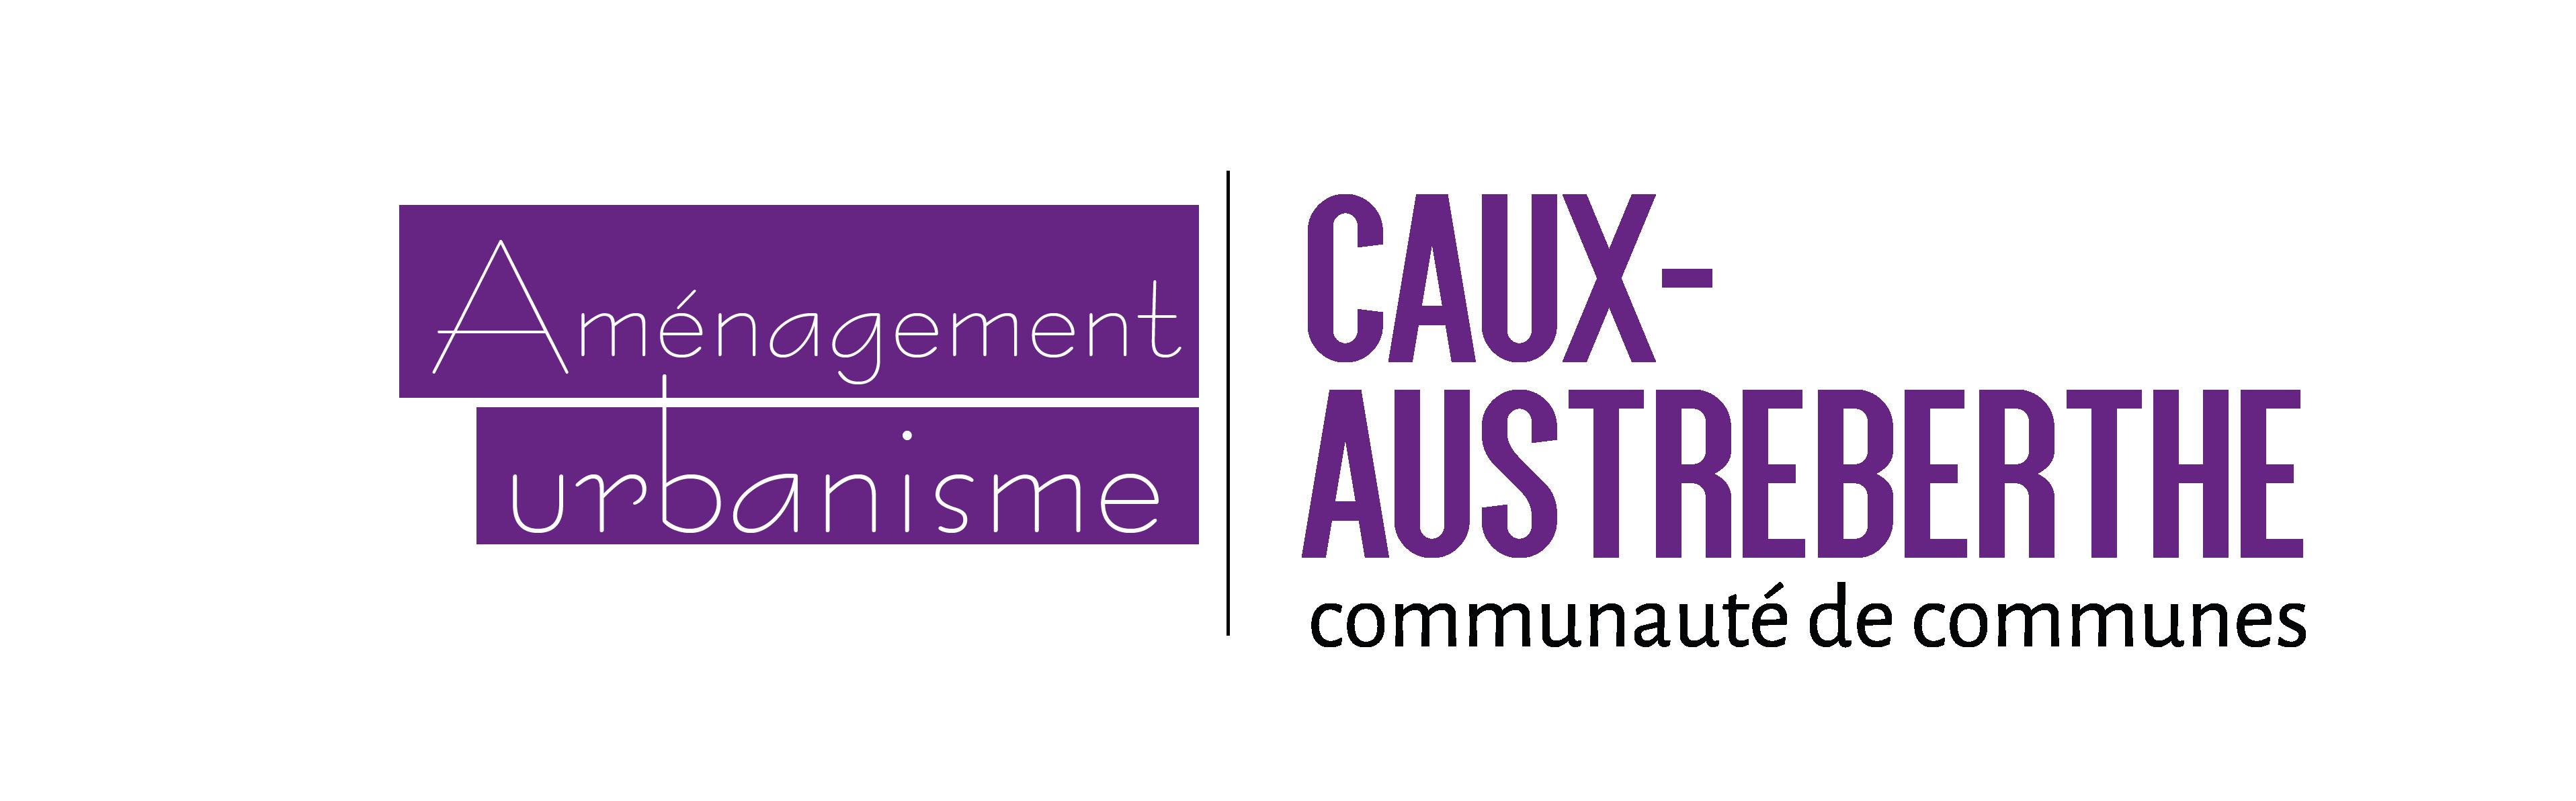 titres_thématiques_Caux-asutreberthe_urba